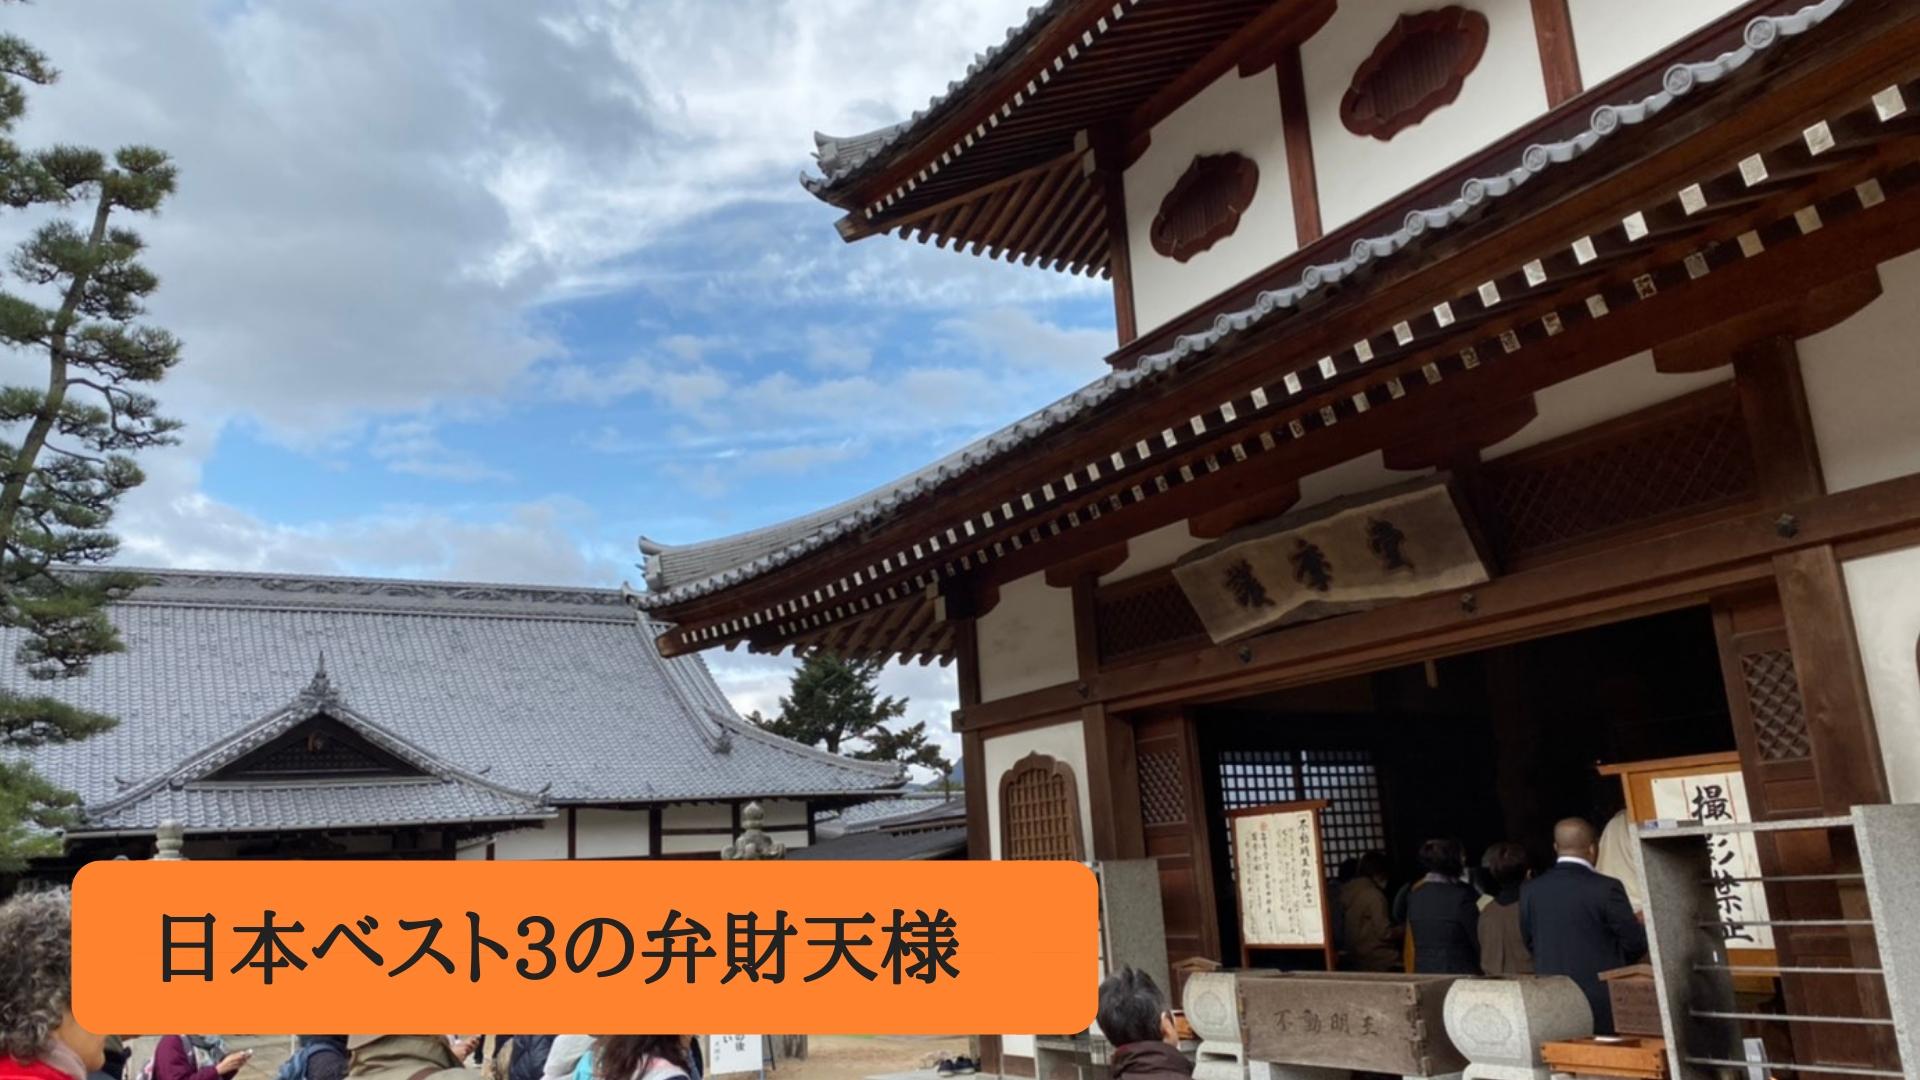 宮島の日本ベスト3に入る弁財天様